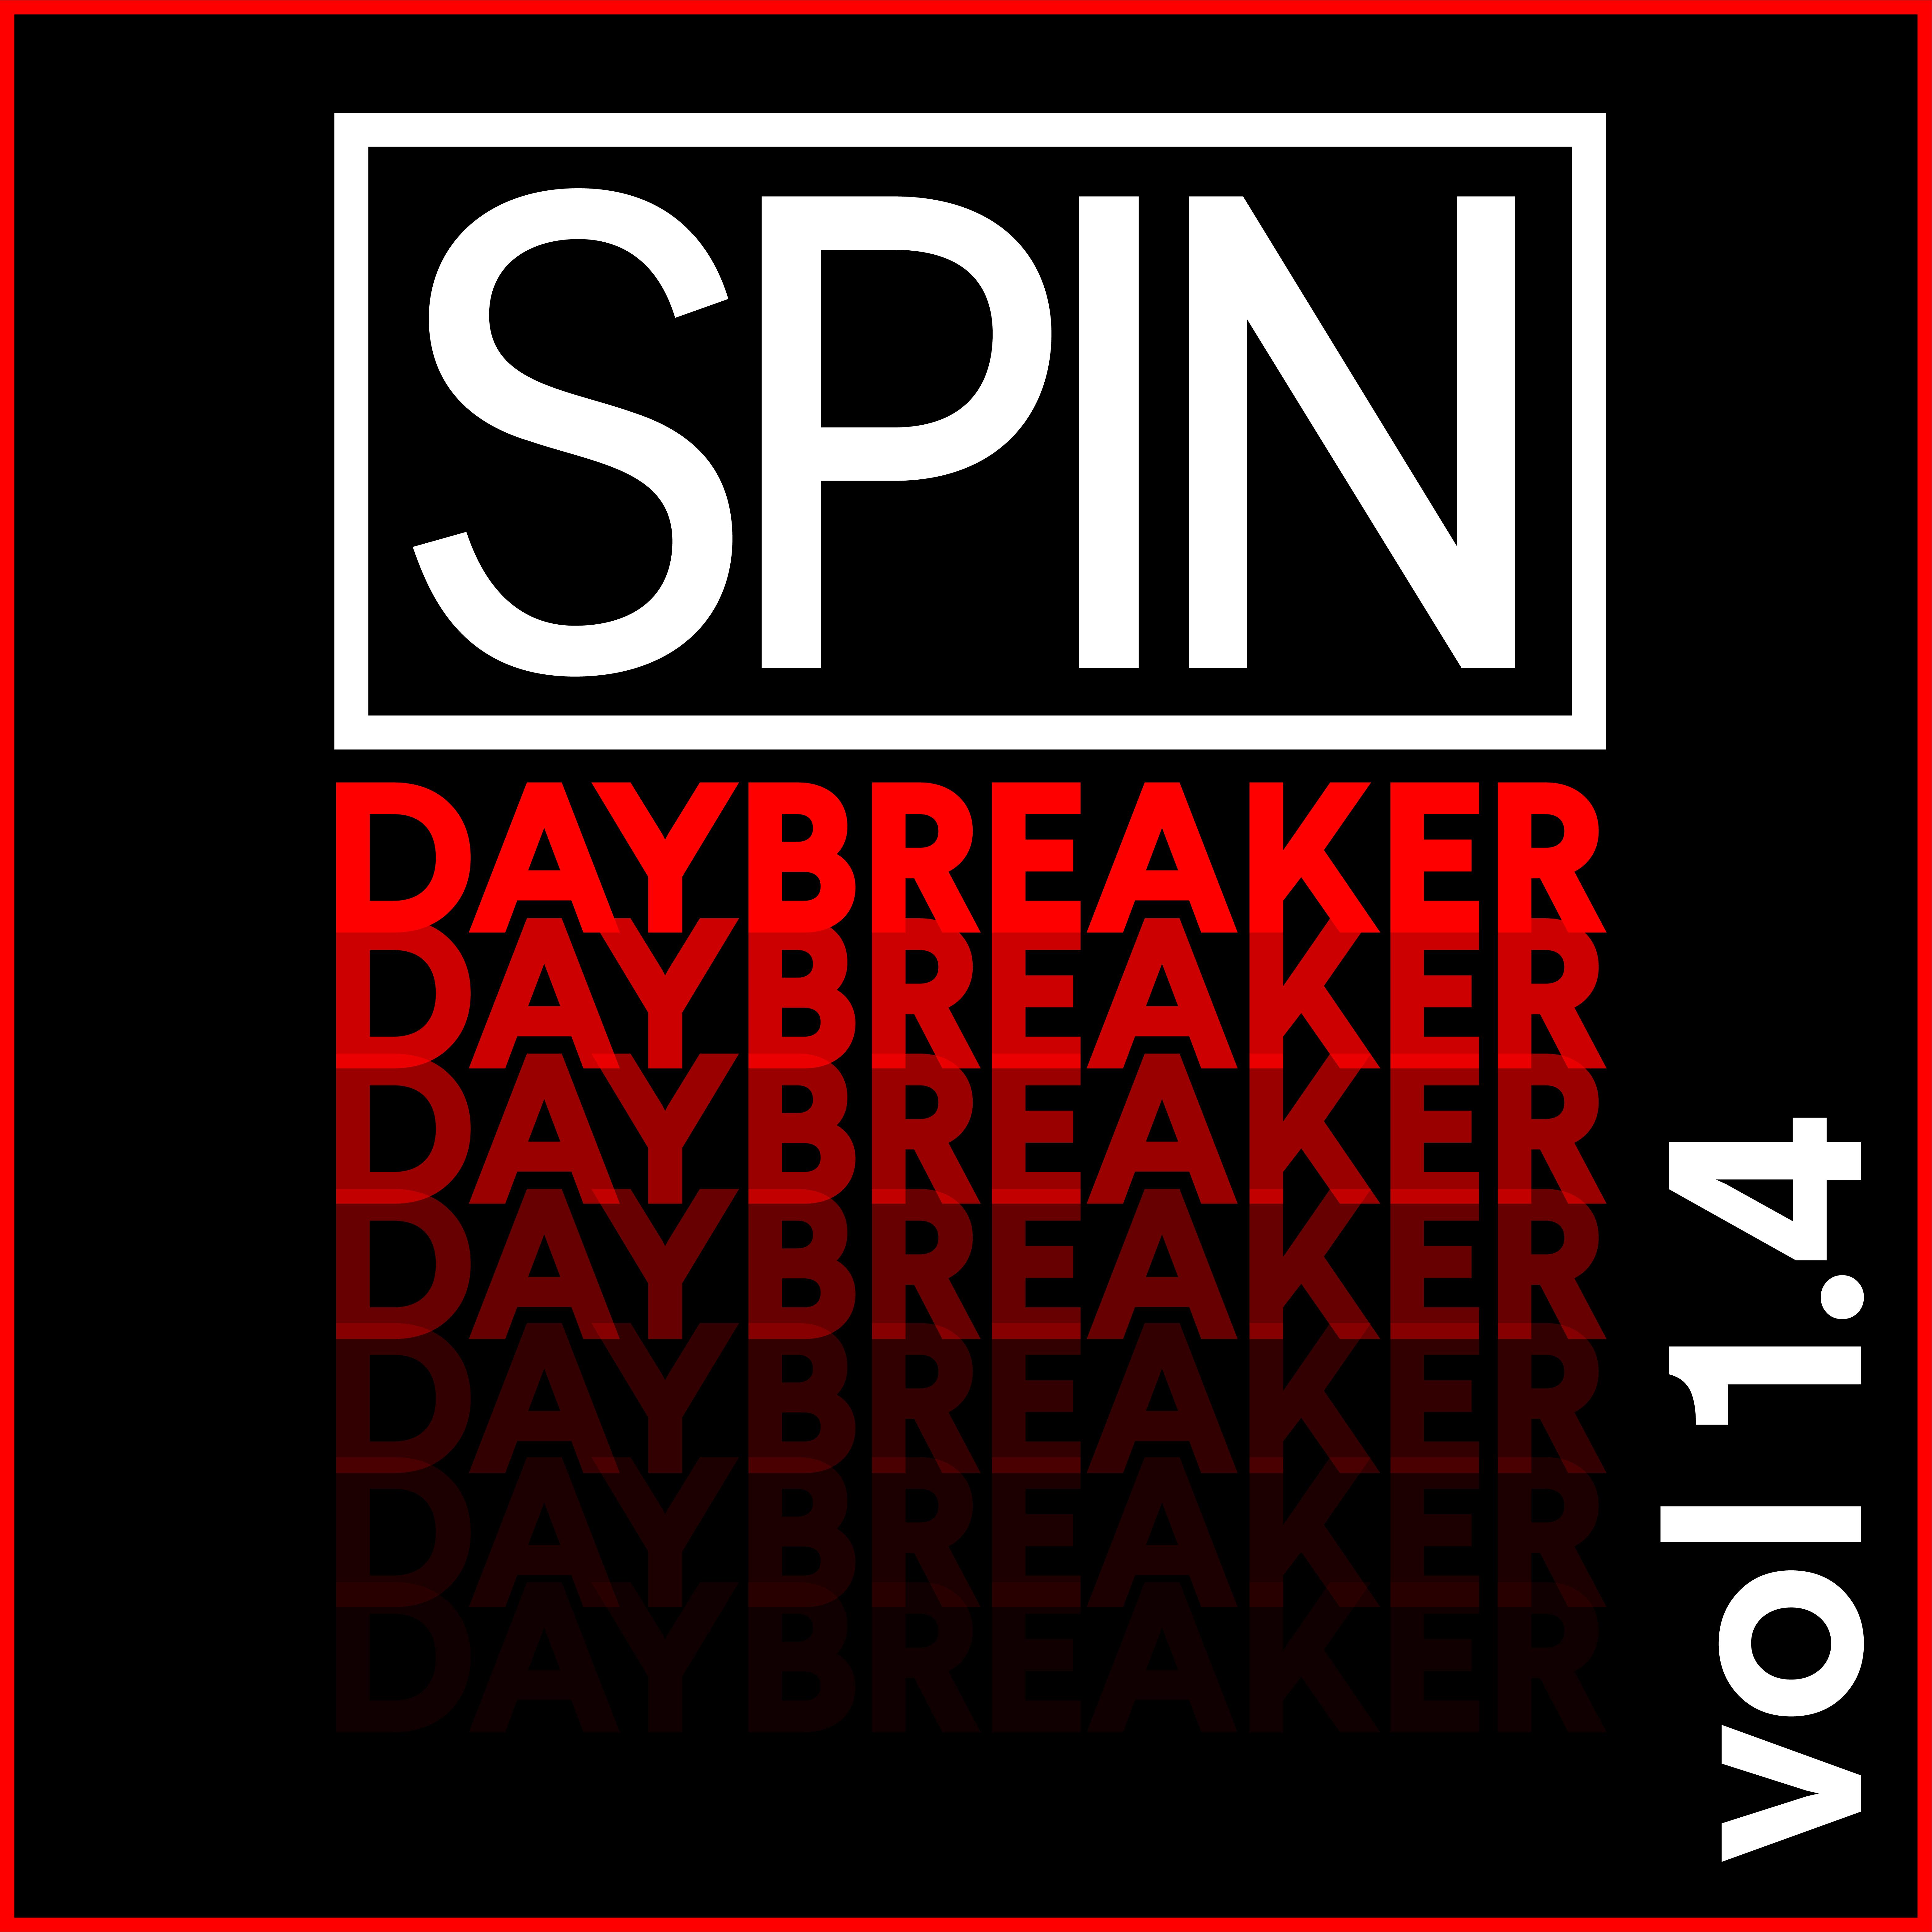 SPIN-Daybreaker-1.4-17-1604688965